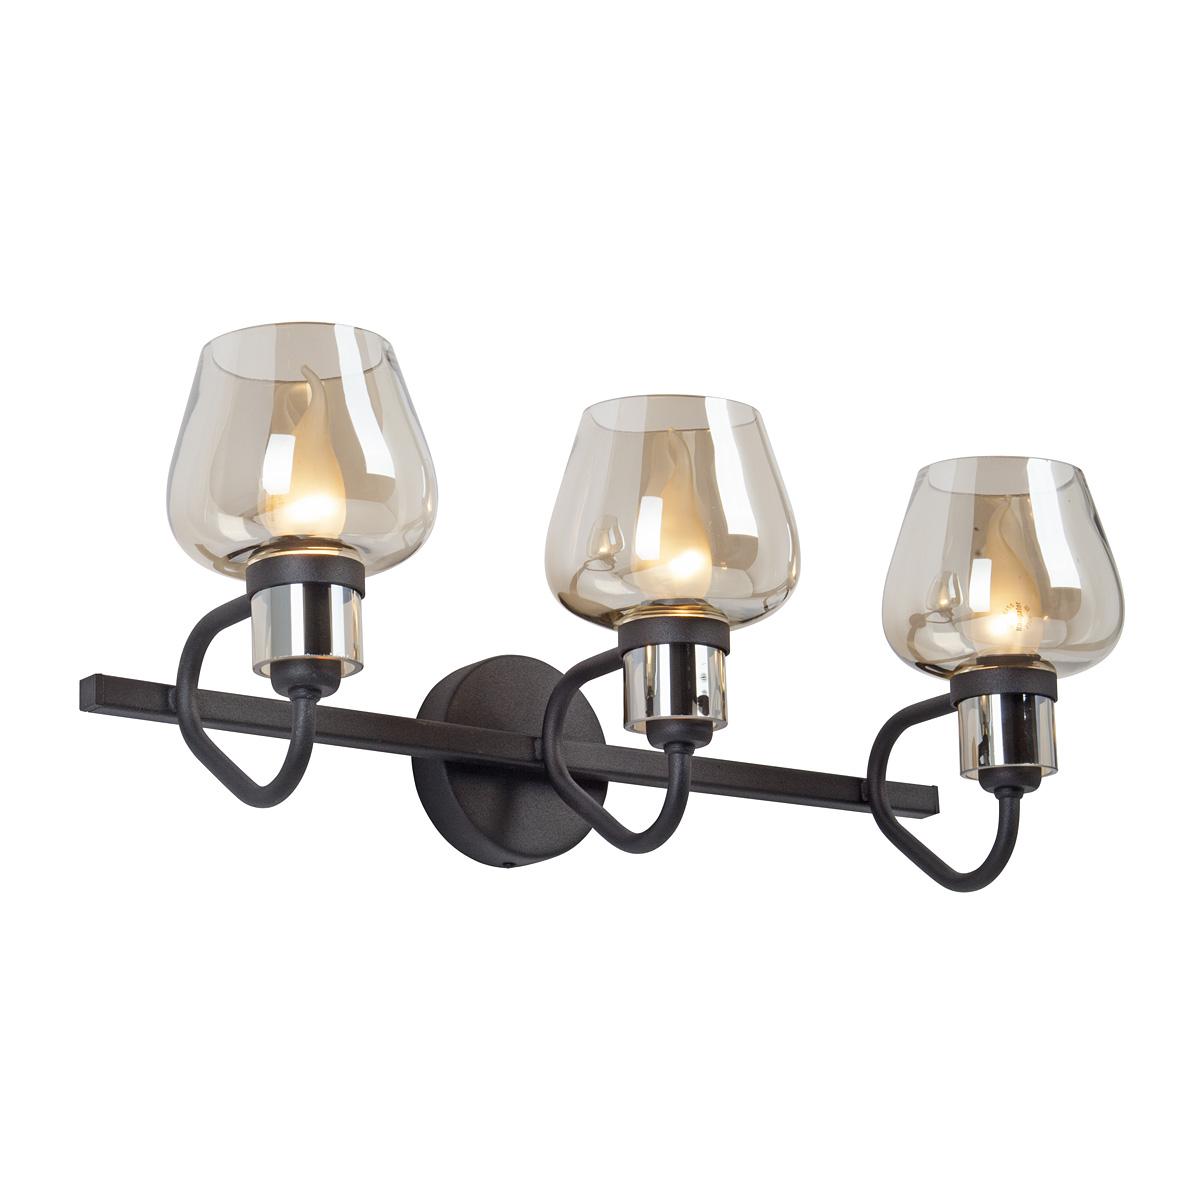 Светильник настенный Vitaluce V4597-1/3A, 3xE14 макс. 40Вт подвесной светильник colosseo 80919 3a mario